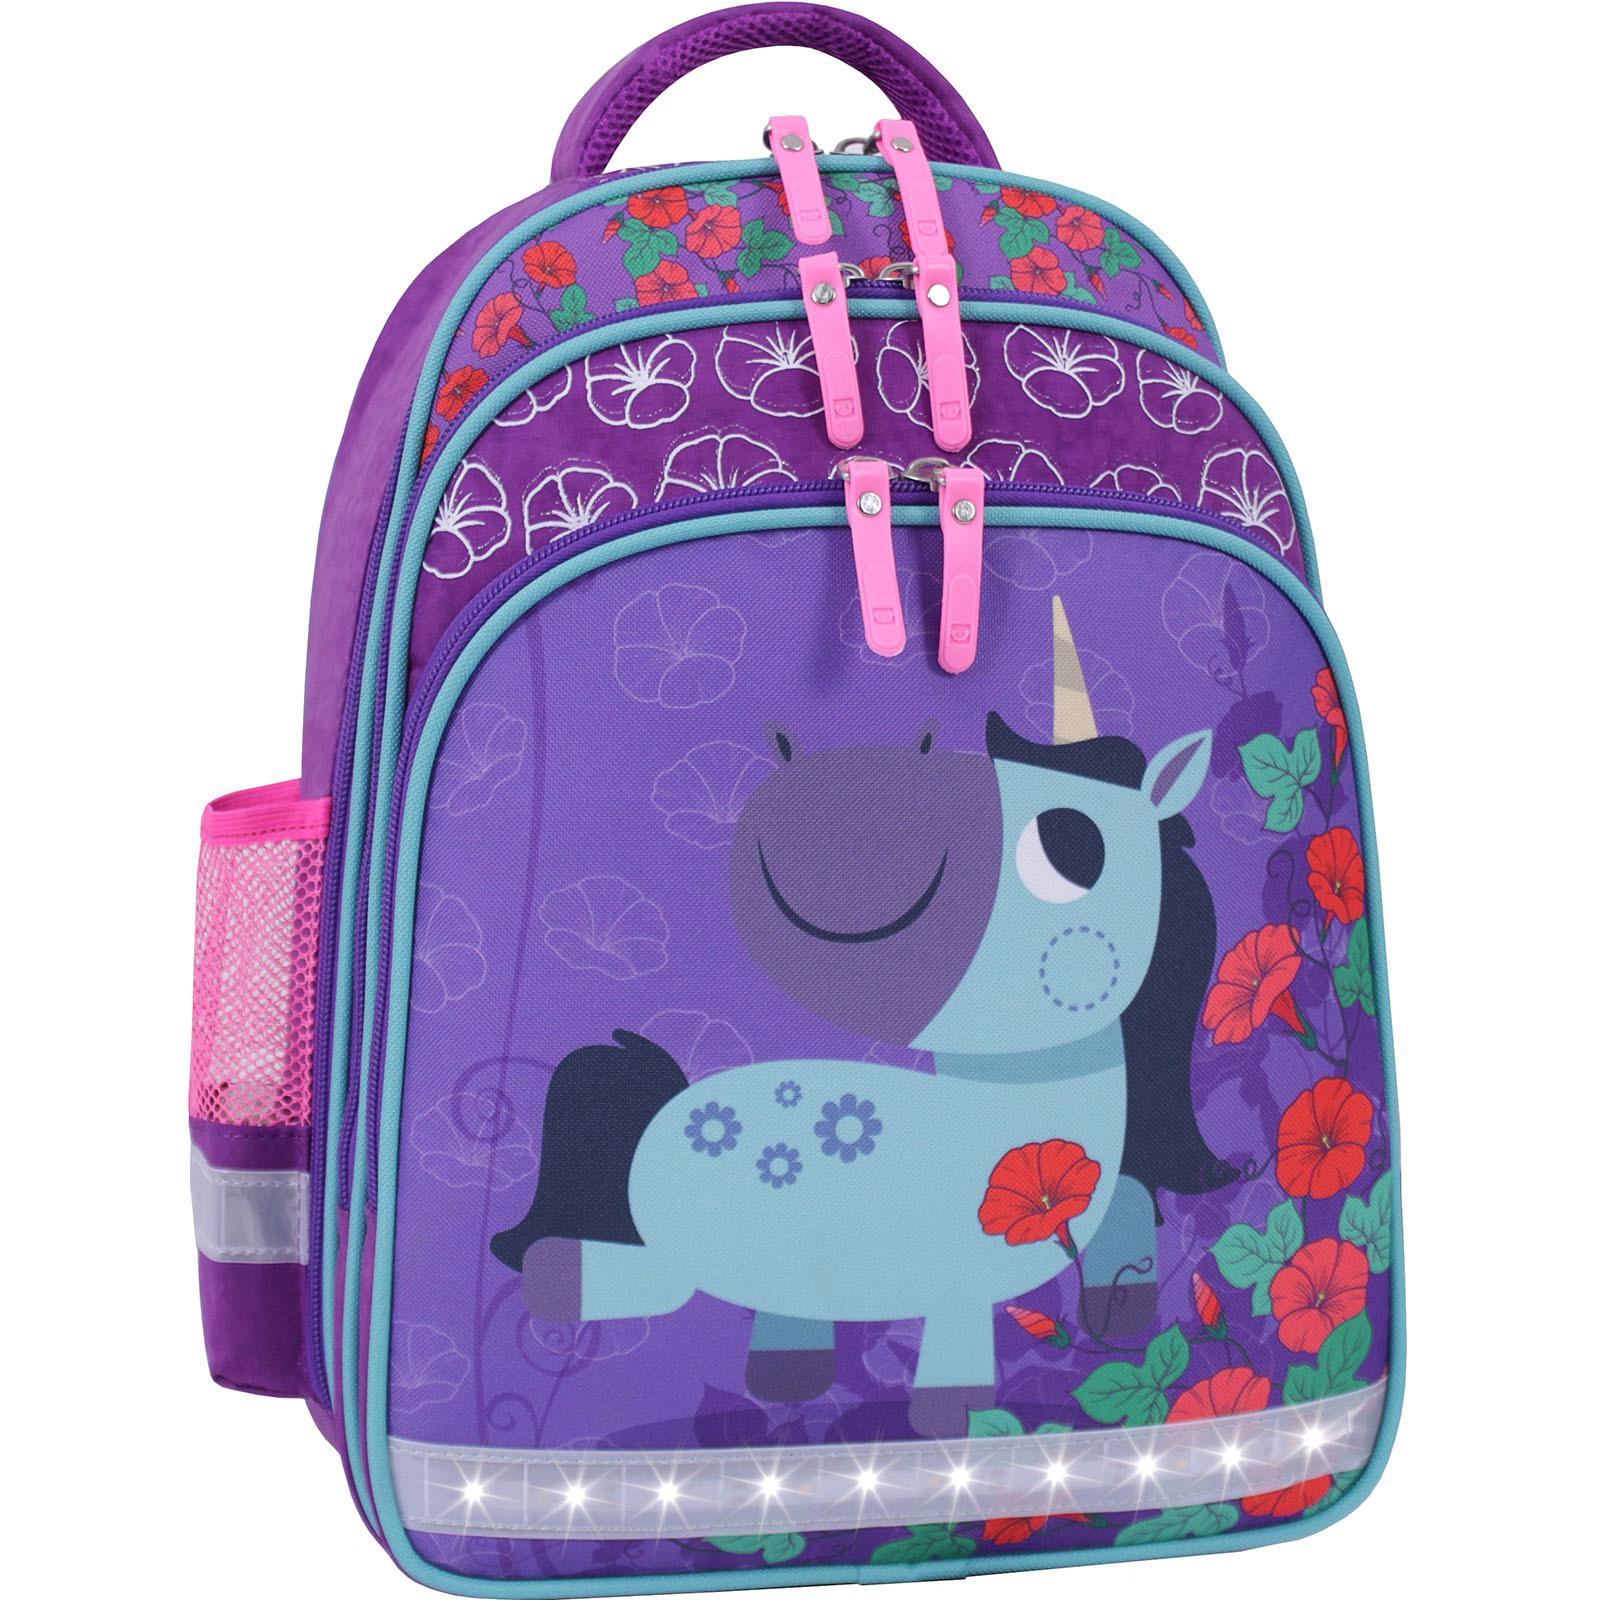 Рюкзак школьный Bagland Mouse 143 фиолетовый 498 (0051370) фото 2